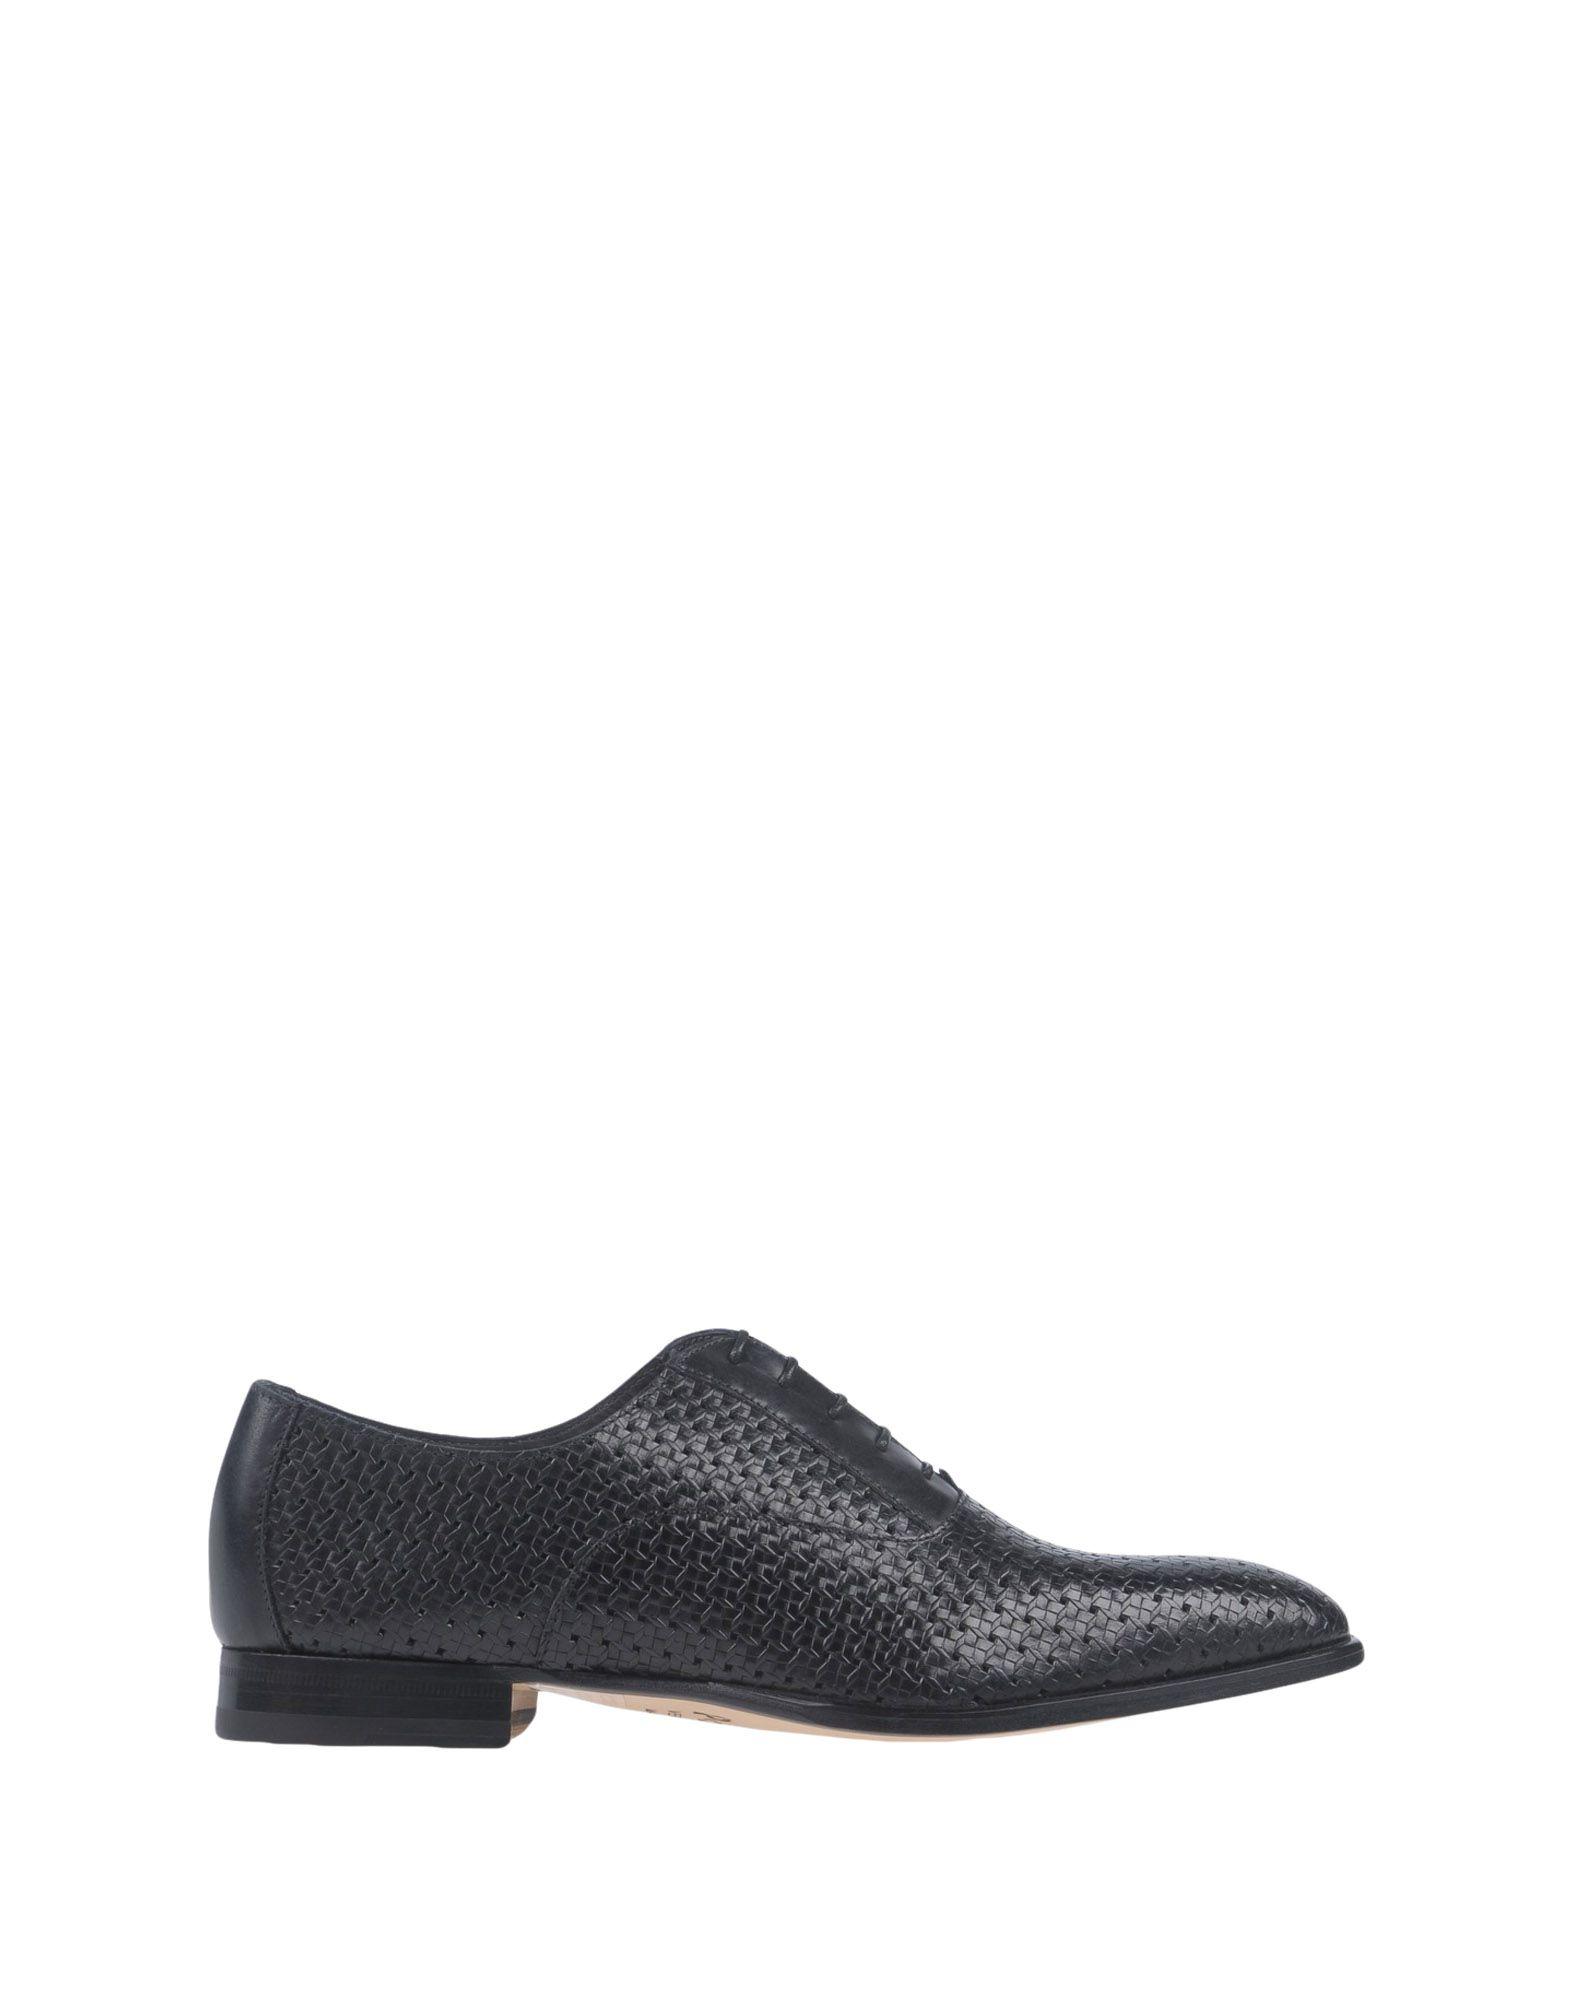 Pollini Schnürschuhe Herren Qualität  11331442JV Gute Qualität Herren beliebte Schuhe 6e47aa